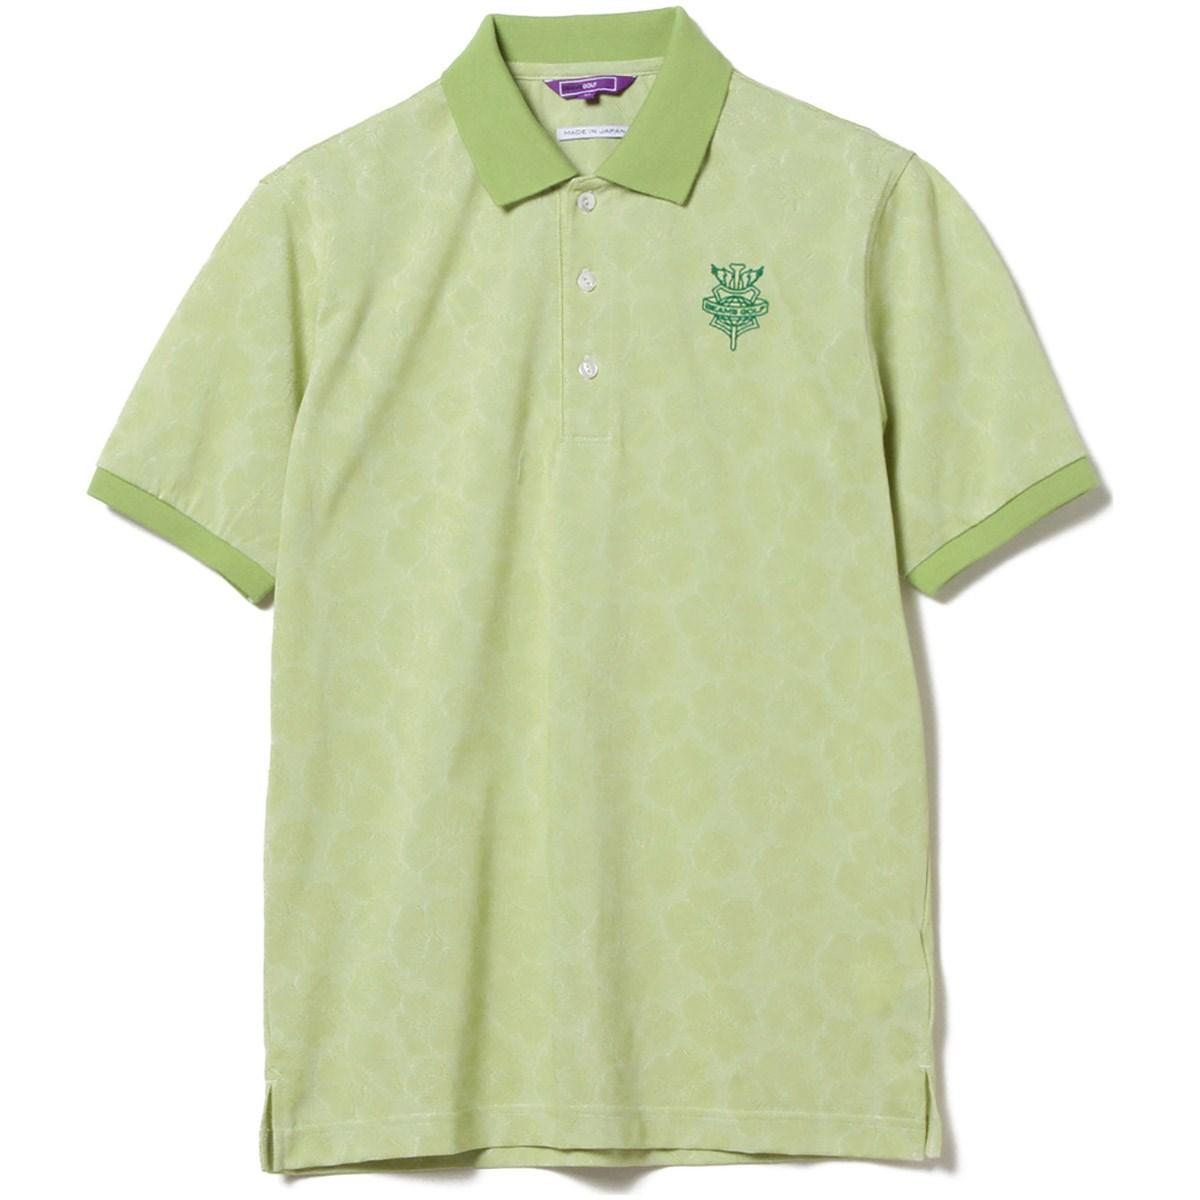 ビームスゴルフ BEAMS GOLF PURPLE LABEL MONTAUK ハイビスカス ポロシャツ